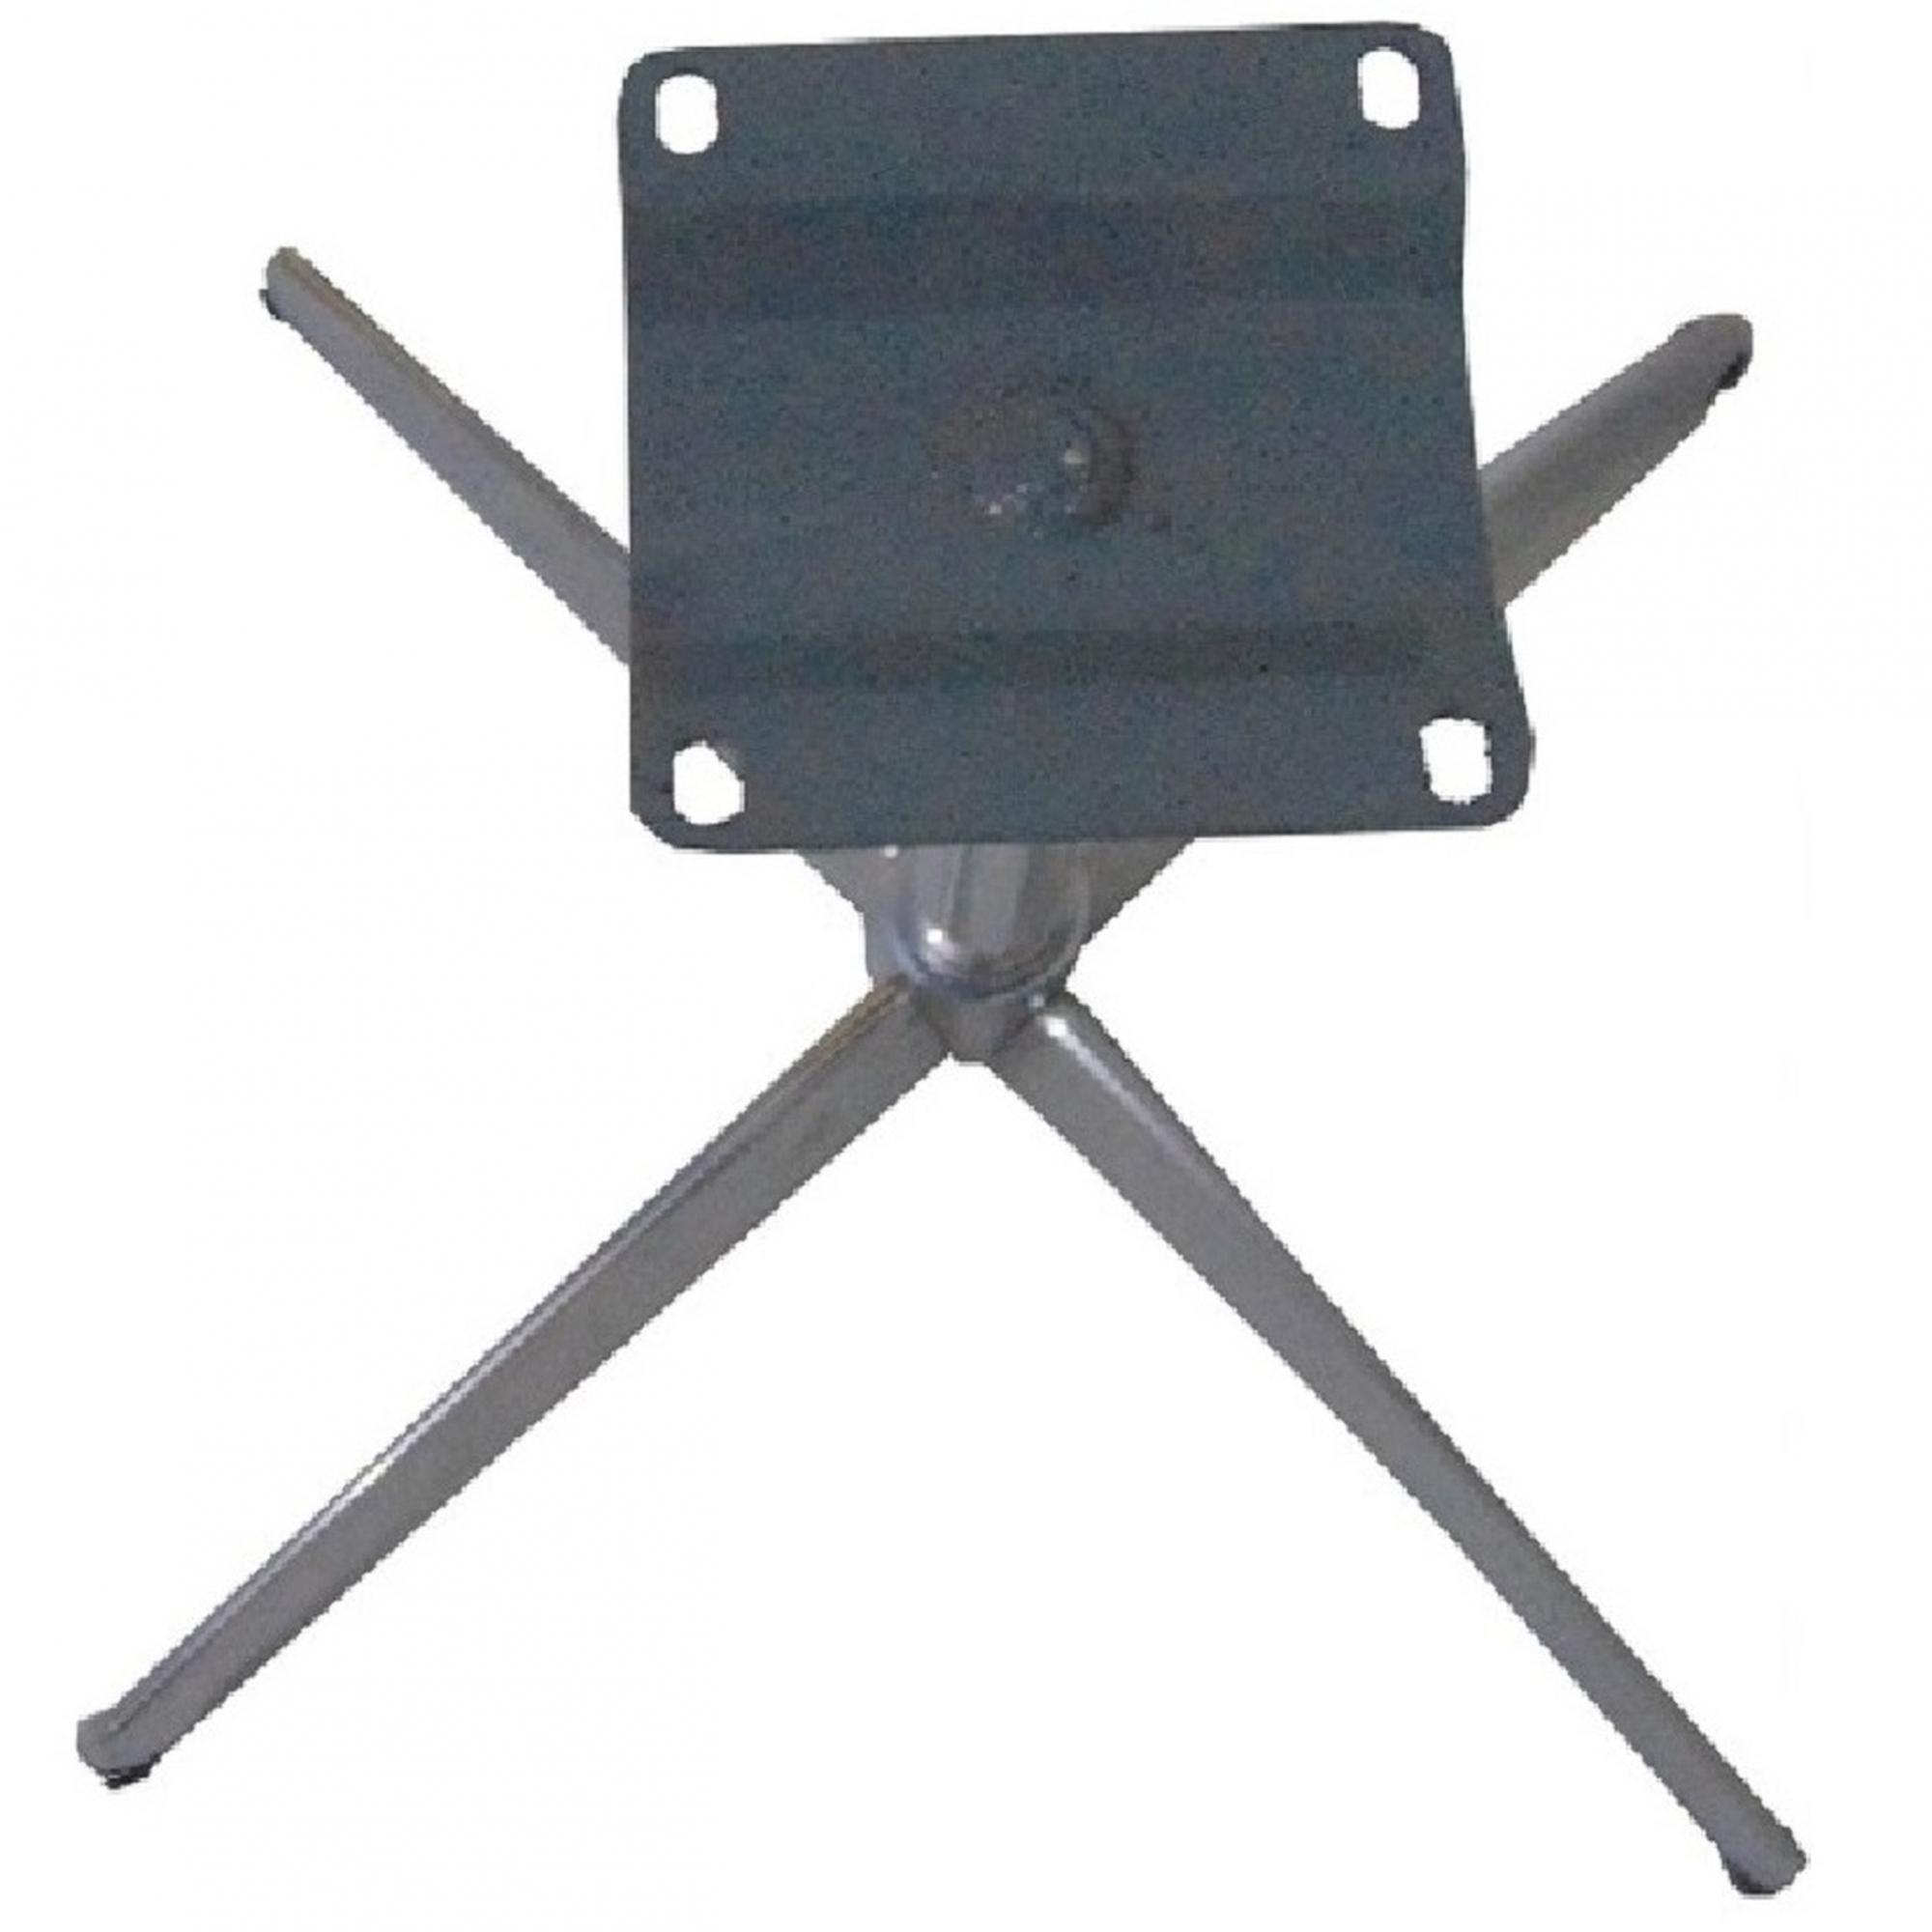 kit 2 Base Giratória Curva em Alumínio para Poltrona H40cm